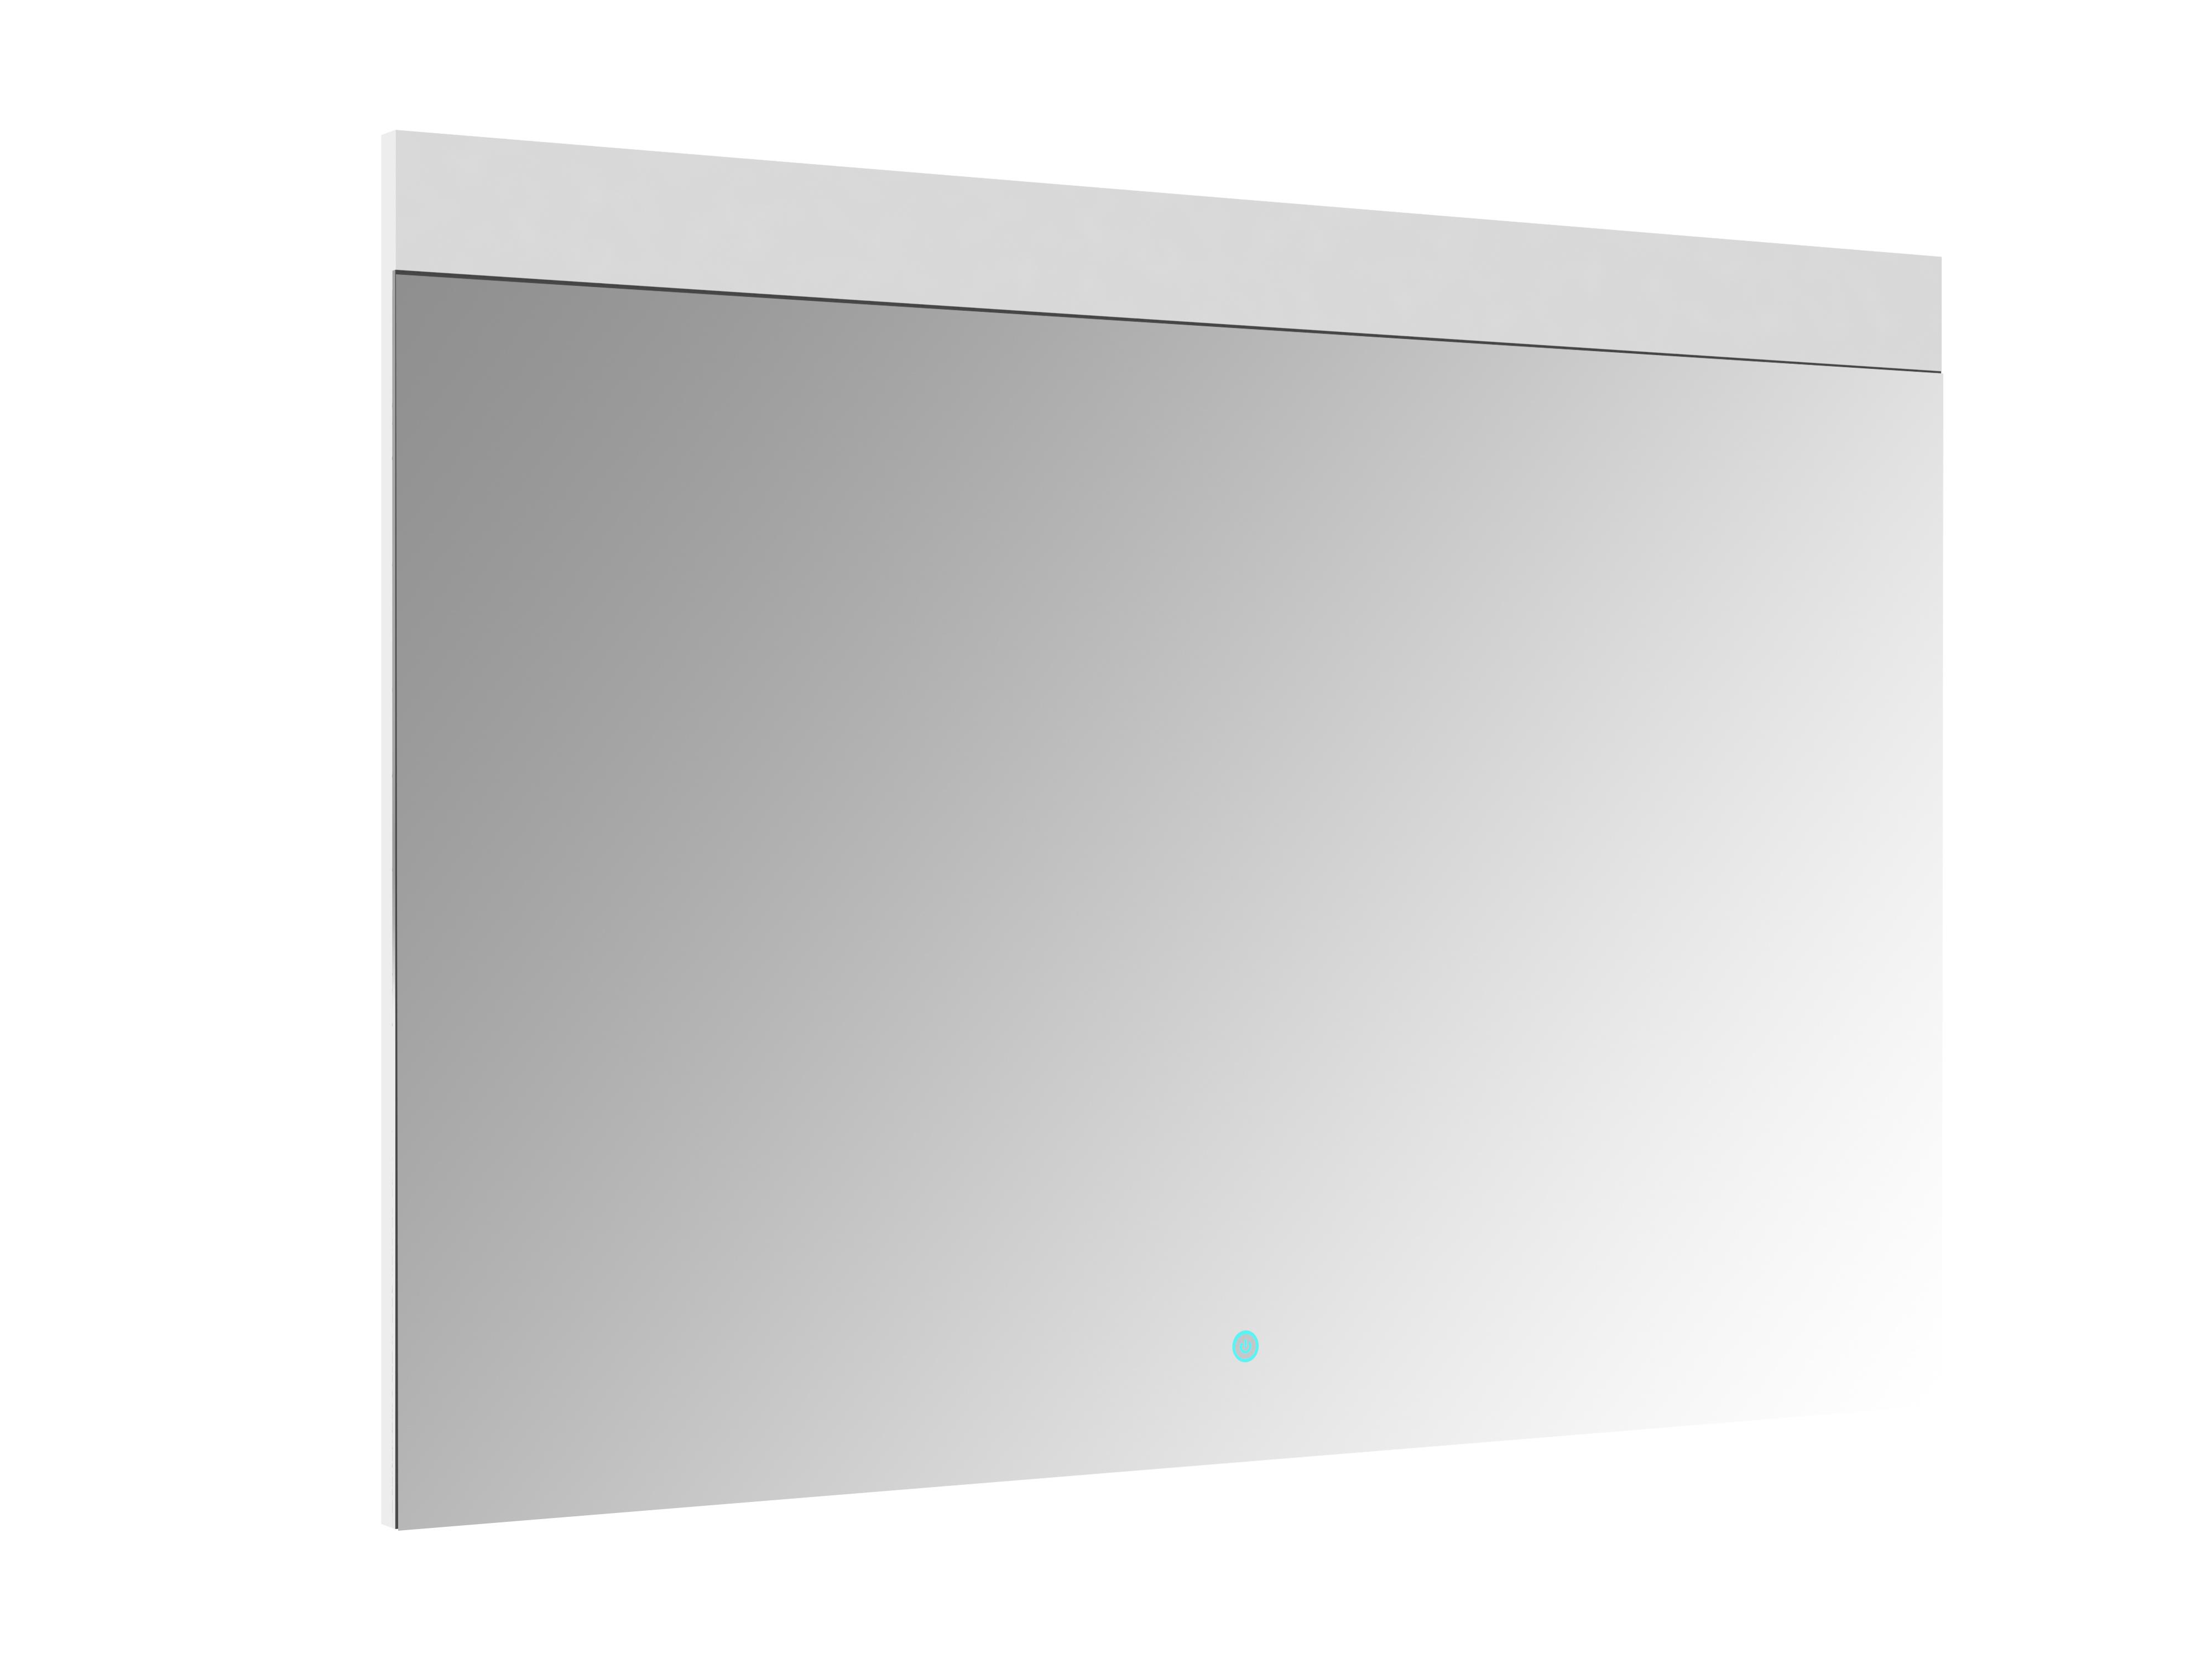 miroir de salle de bain touch aquarine. Black Bedroom Furniture Sets. Home Design Ideas